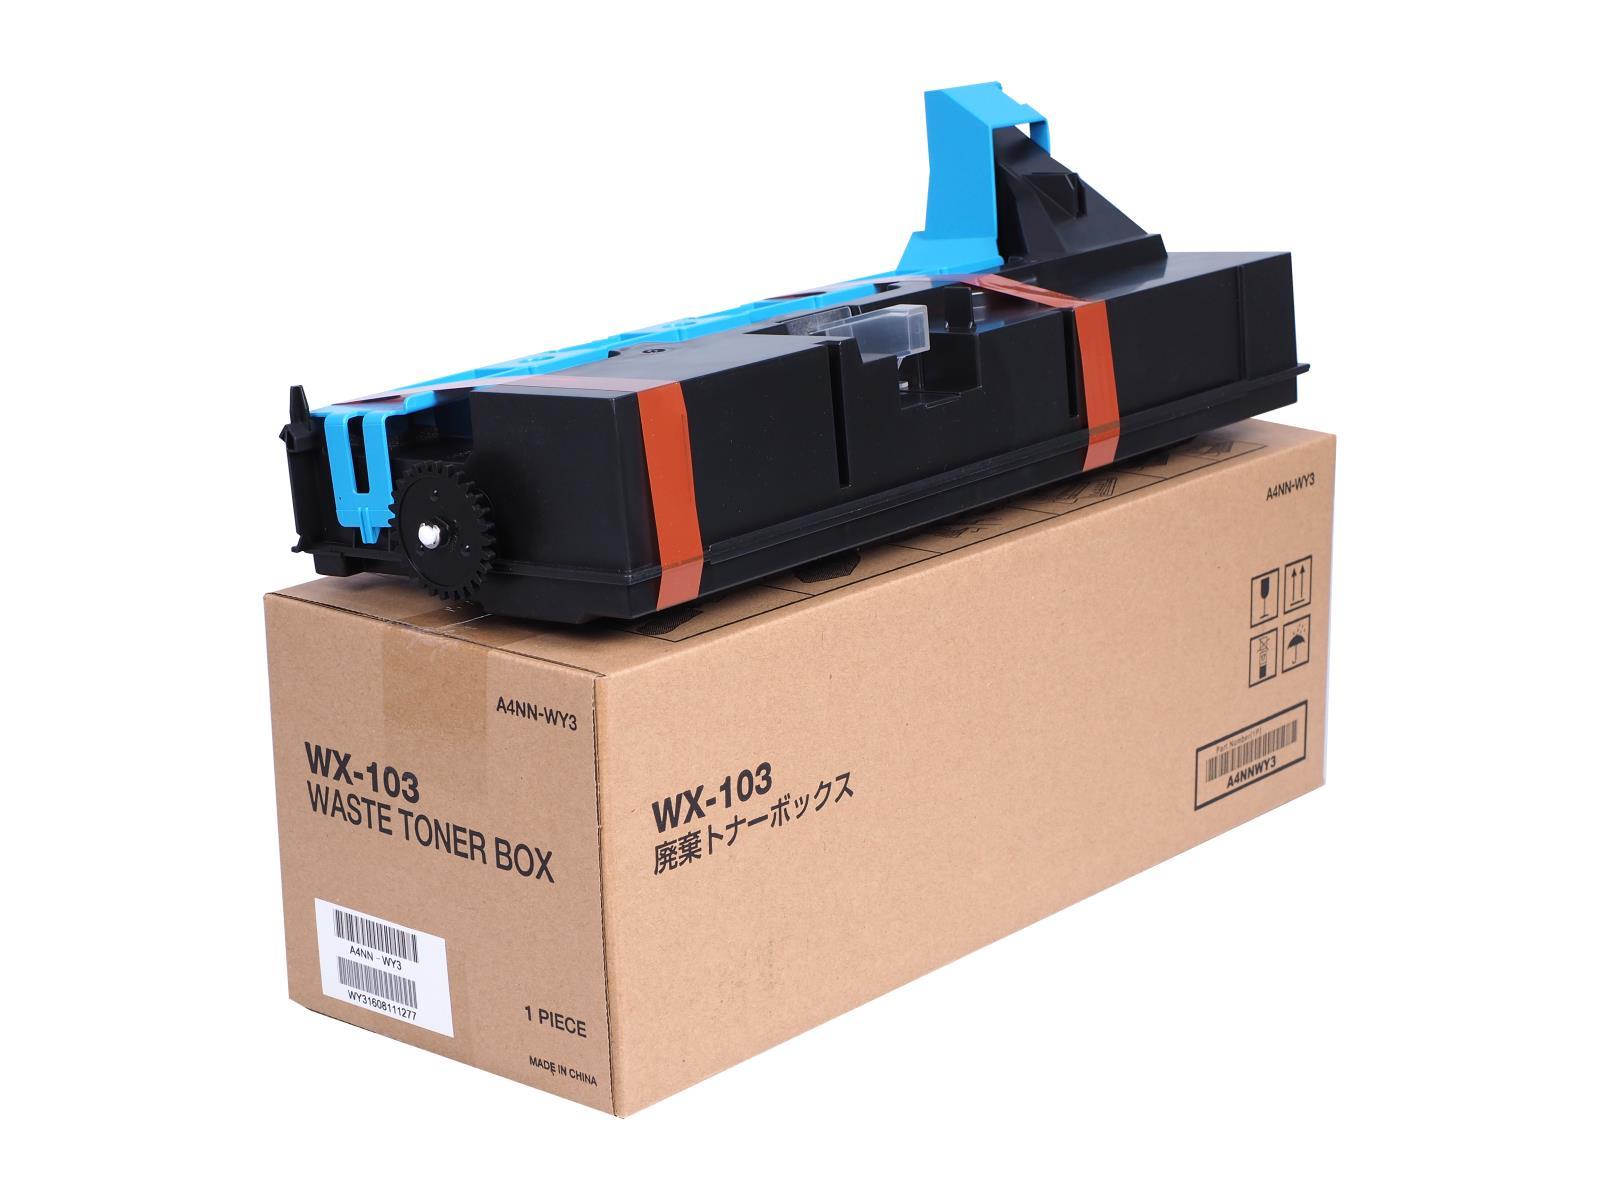 WX-103 Waste Toner Bottle